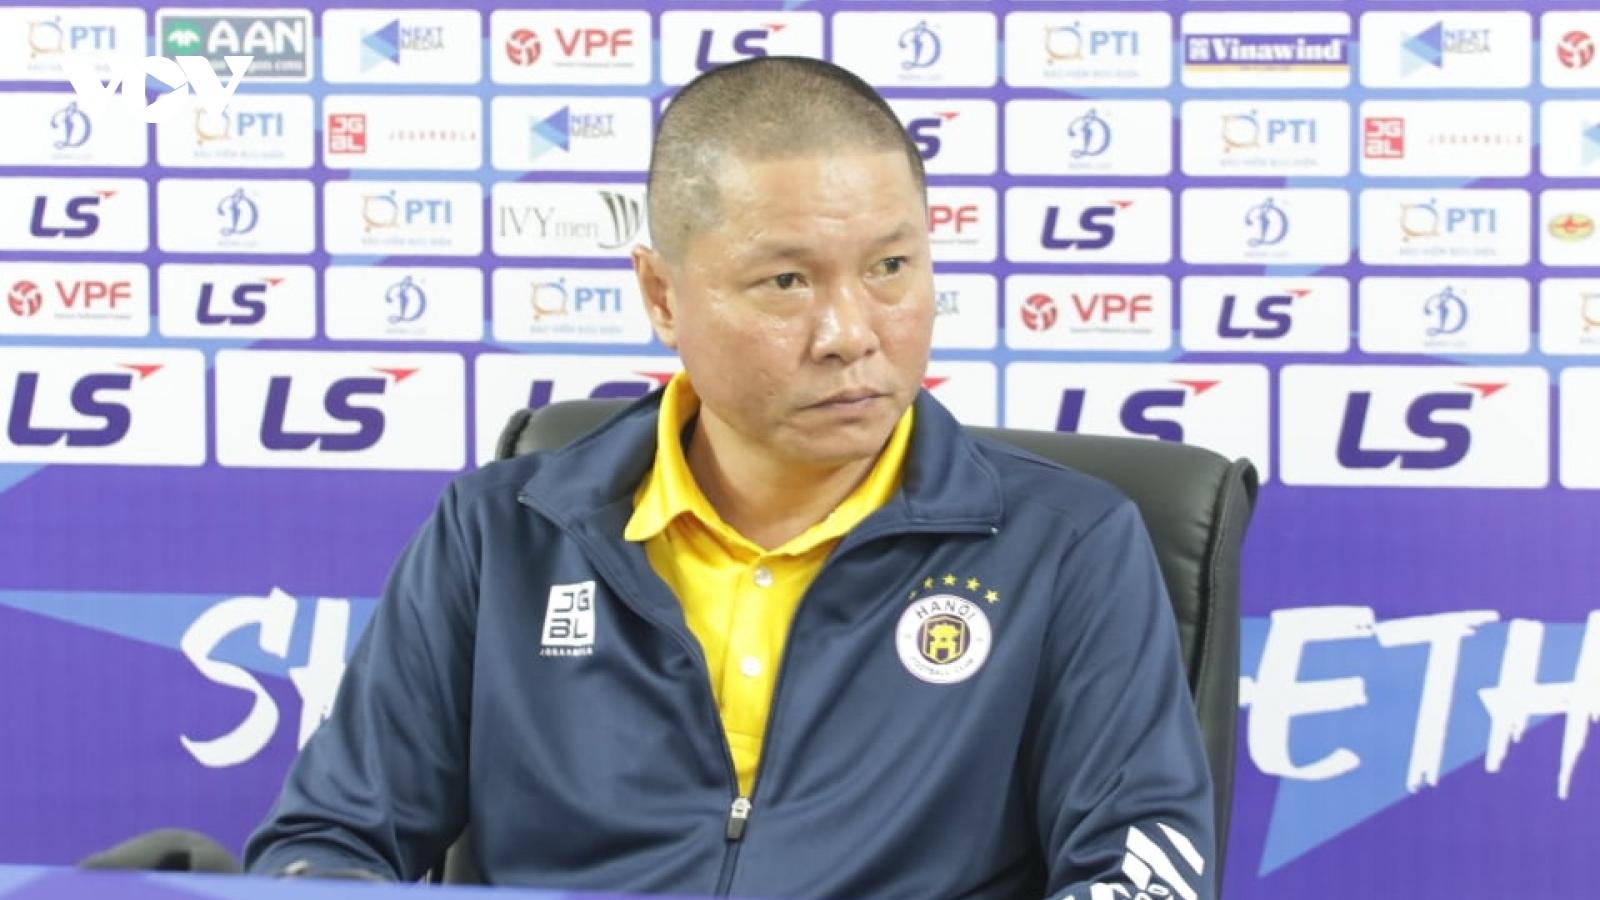 Duy Mạnh, Thành Lương cùng dàn sao Hà Nội FC tri ân HLV Chu Đình Nghiêm